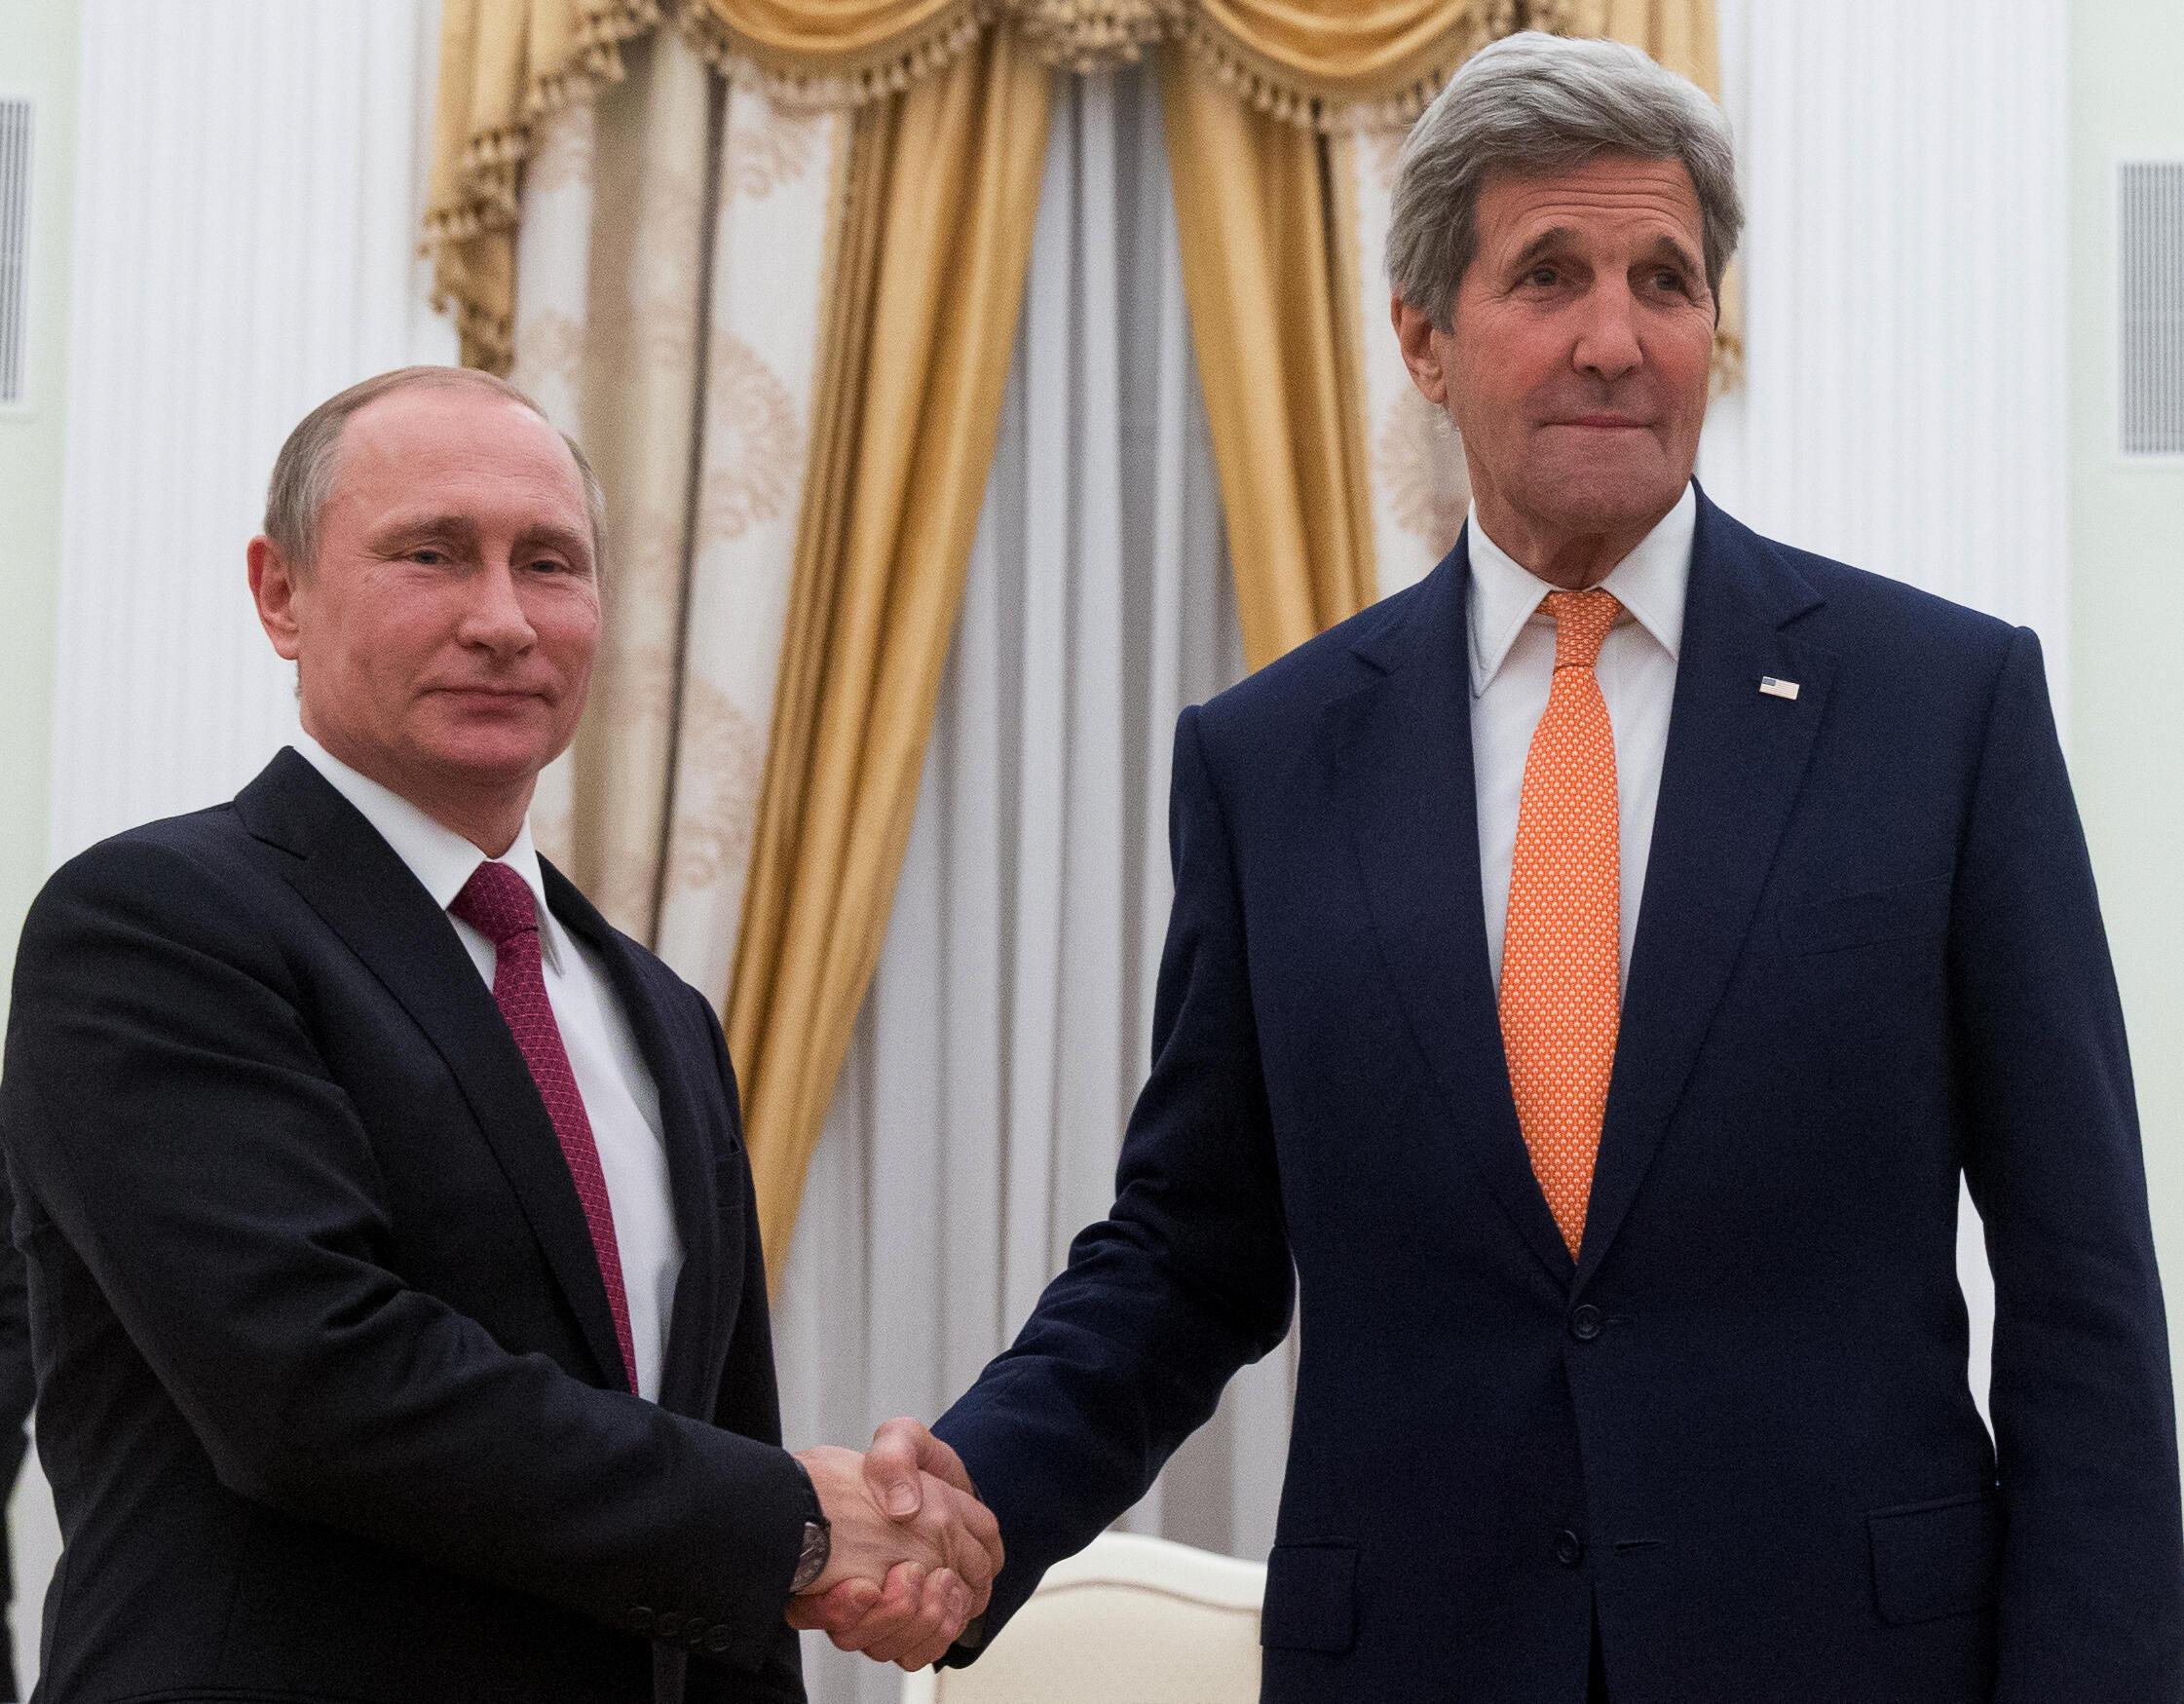 Le secrétaire d'Etat américain John Kerry (d) reçu par le président Vladimir Poutine, au Kremlin, à Moscou, le 24 mars 2016.